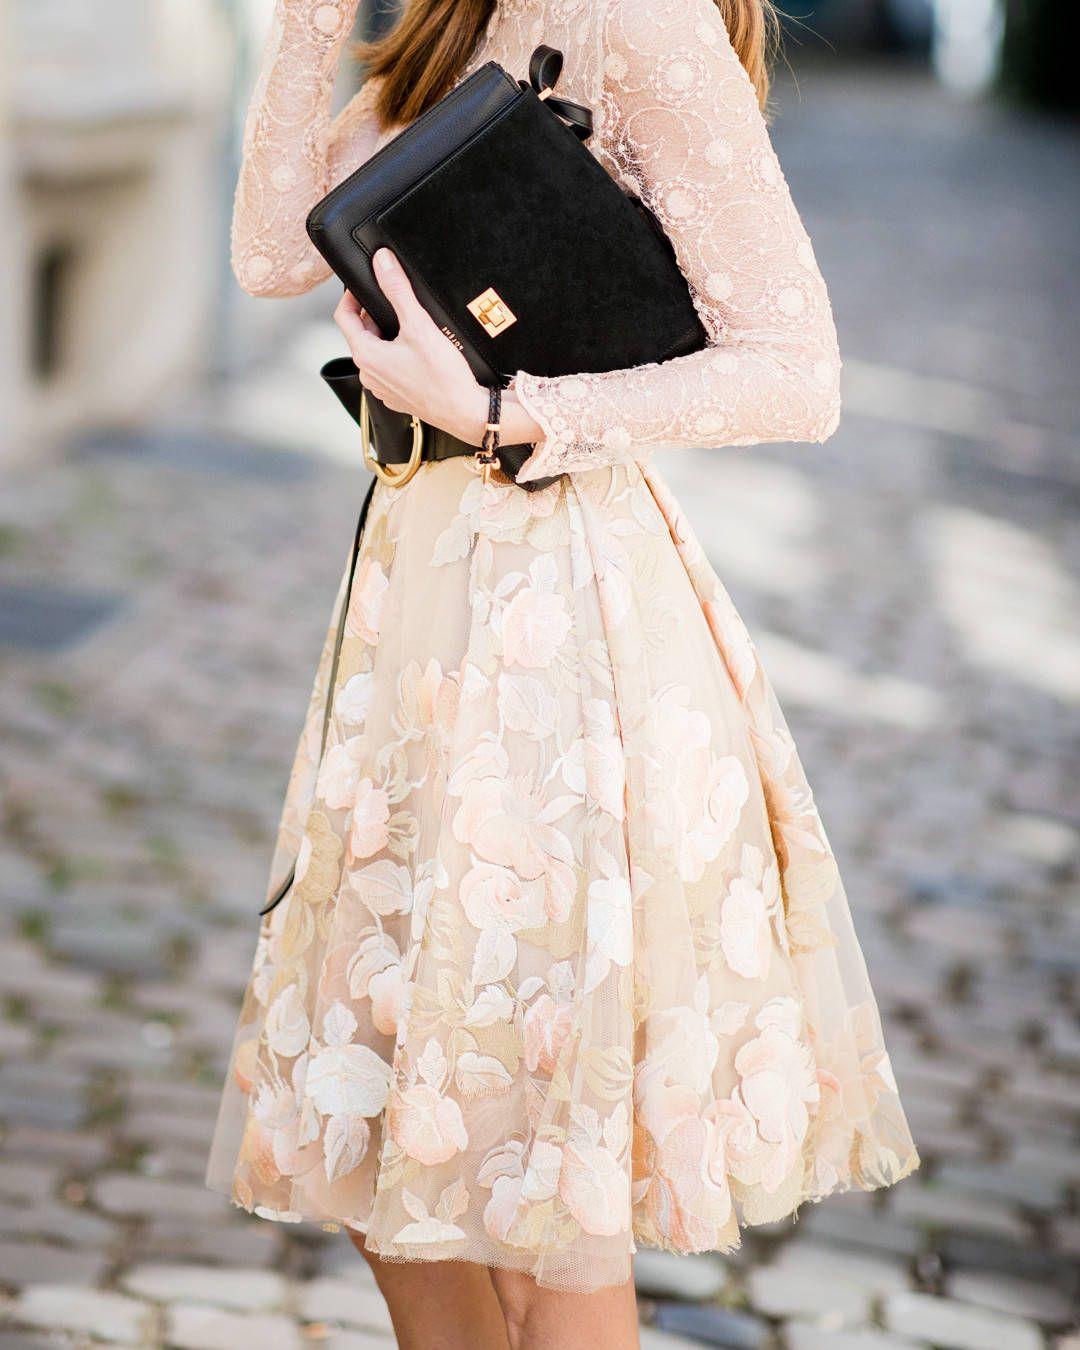 177bcab4de7 Выбираем красивое платье на лето  какие модели будут в моде в этом сезоне